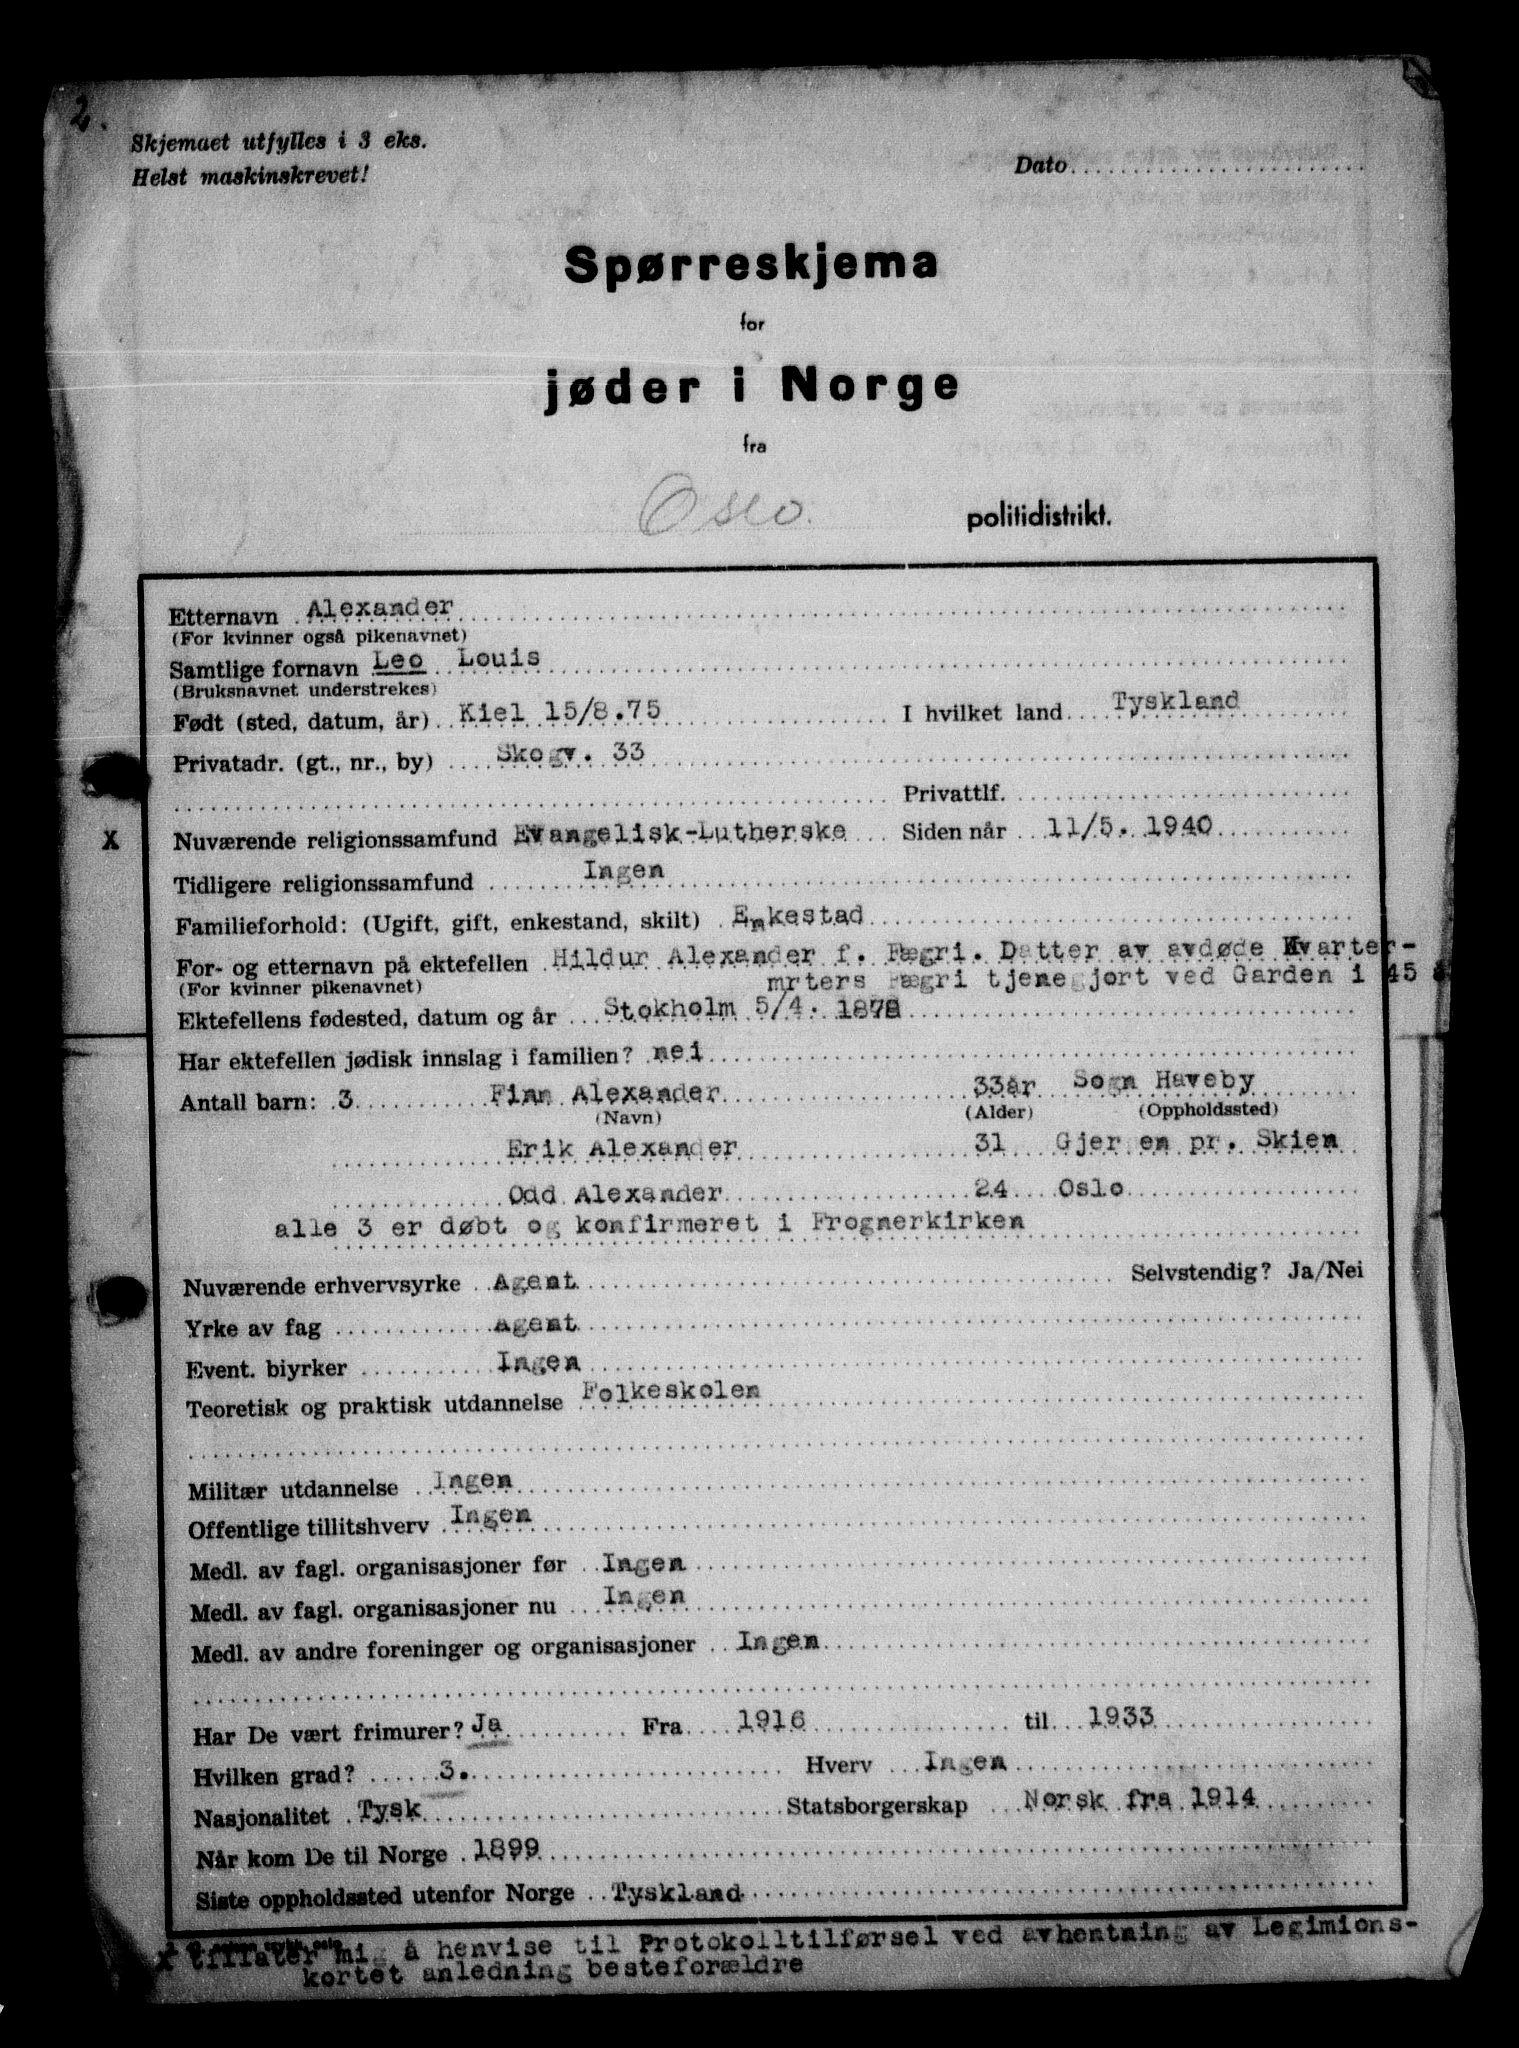 RA, Statspolitiet - Hovedkontoret / Osloavdelingen, G/Ga/L0009: Spørreskjema for jøder i Norge, Oslo Alexander-Gutman, 1942, p. 1